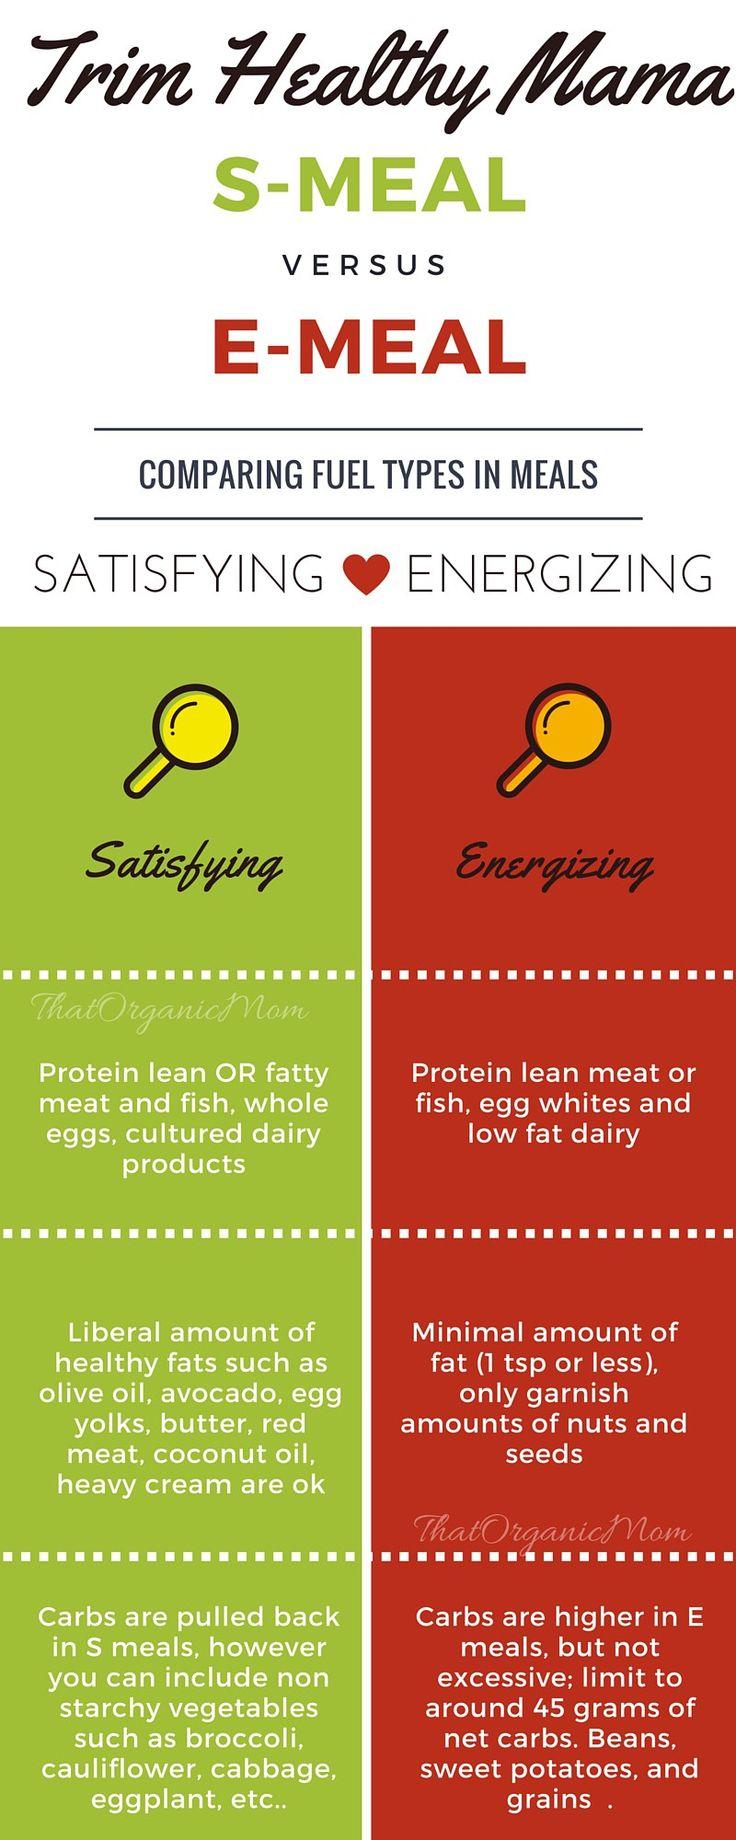 S meals vs E meals Trim Healthy Mama Infographic